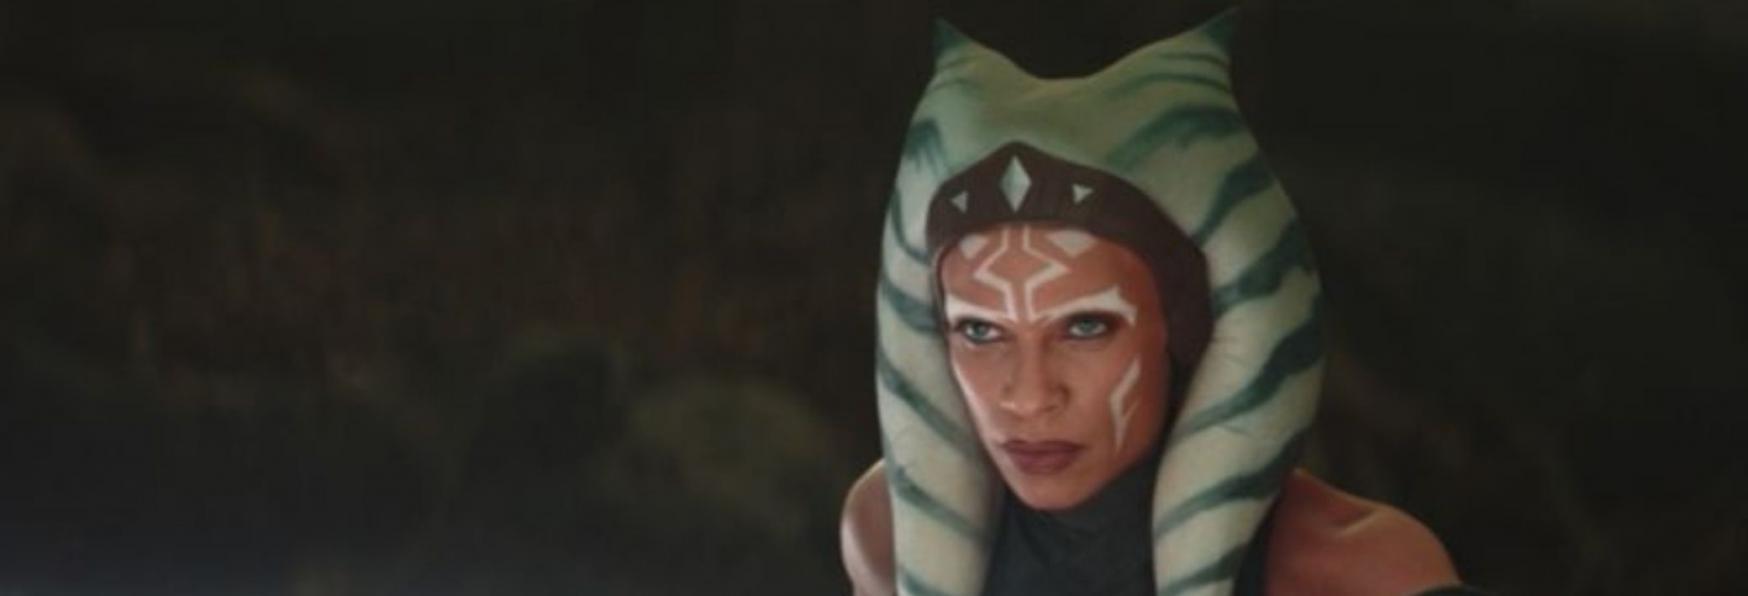 Star Wars: i Dettagli su Trama e Cast della nuova Serie TV su Ahsoka Tano